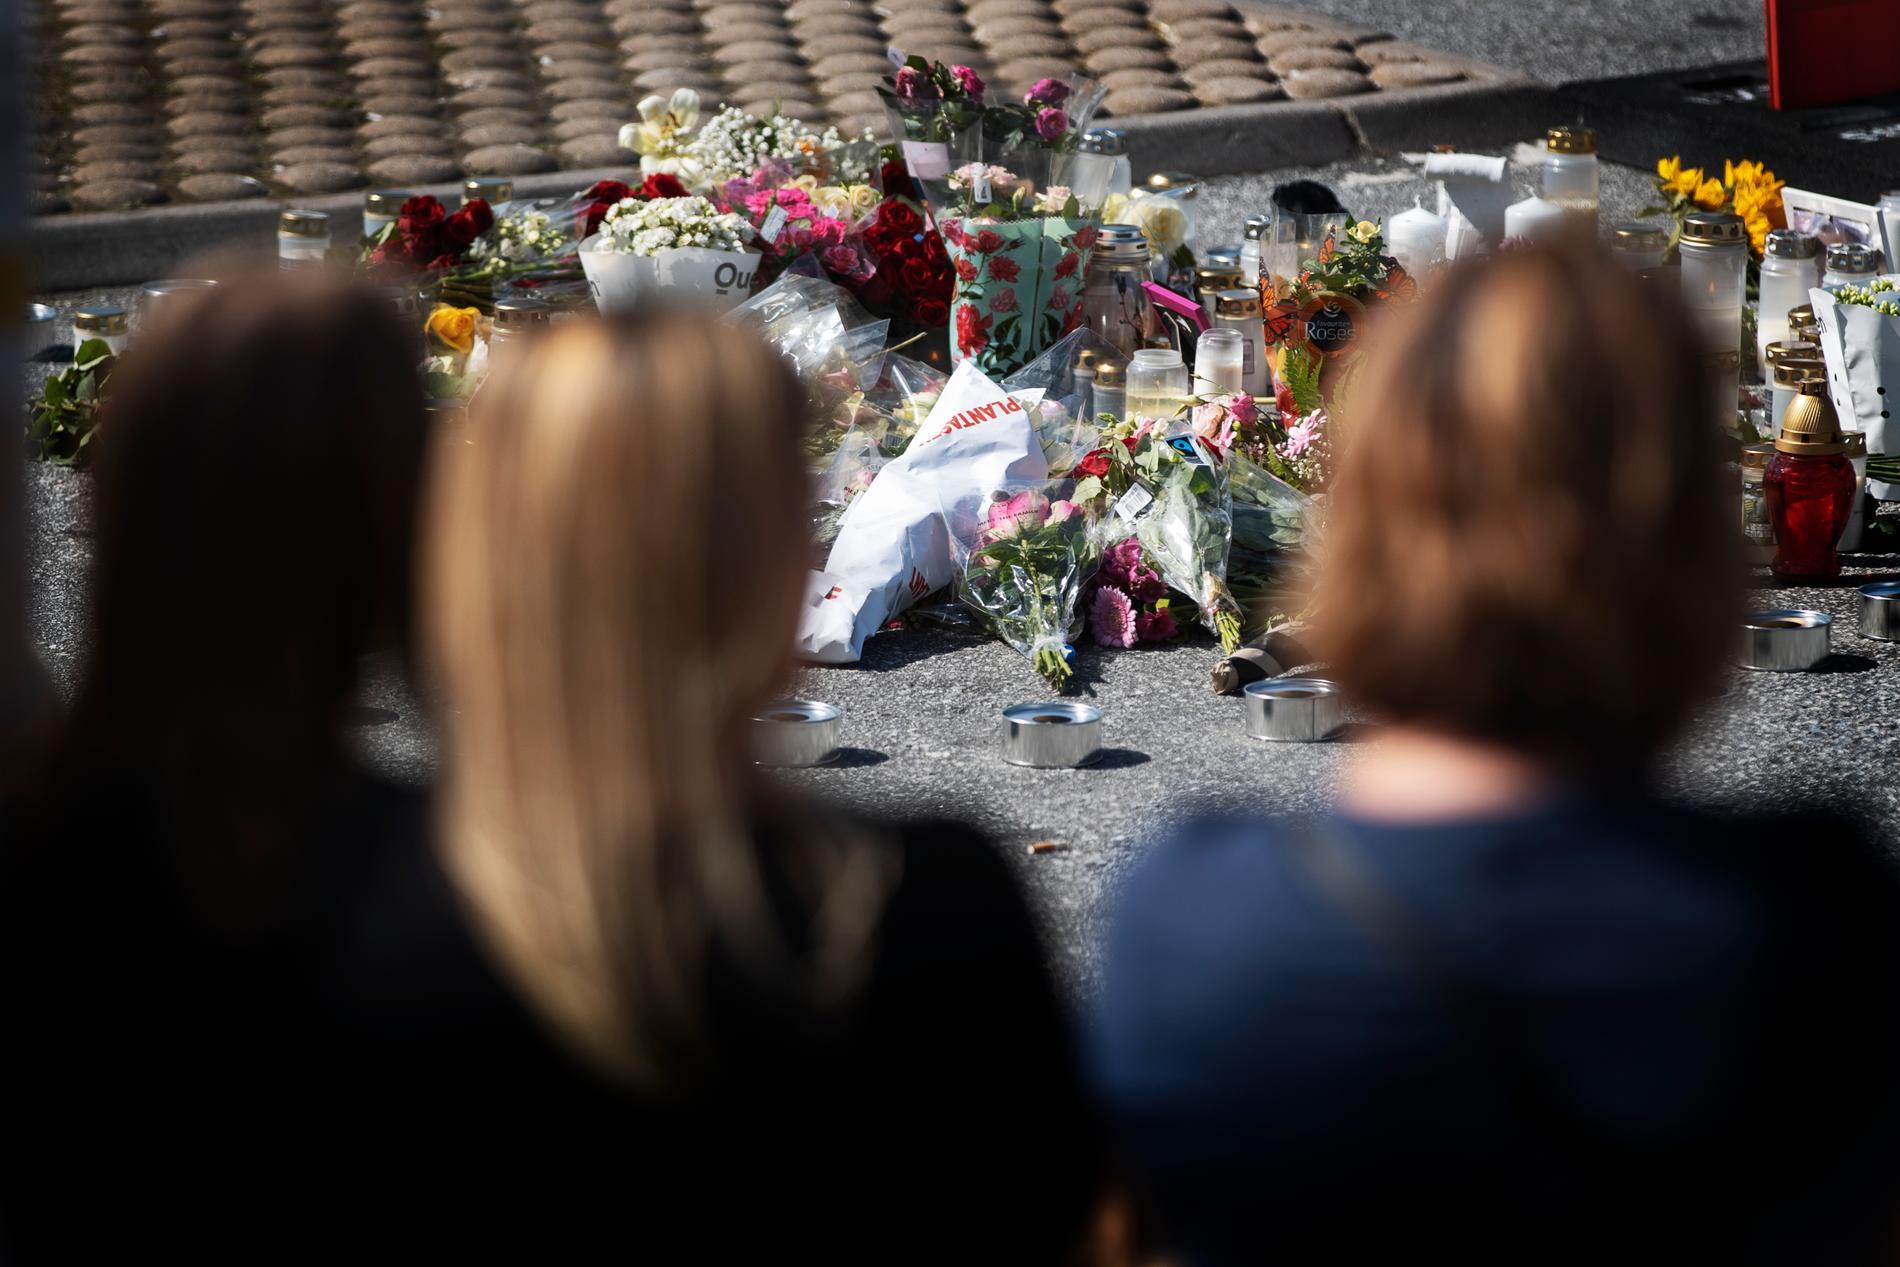 Många har lämnat blommor och ljus på platsen där 12-åringen sköts ihjäl.